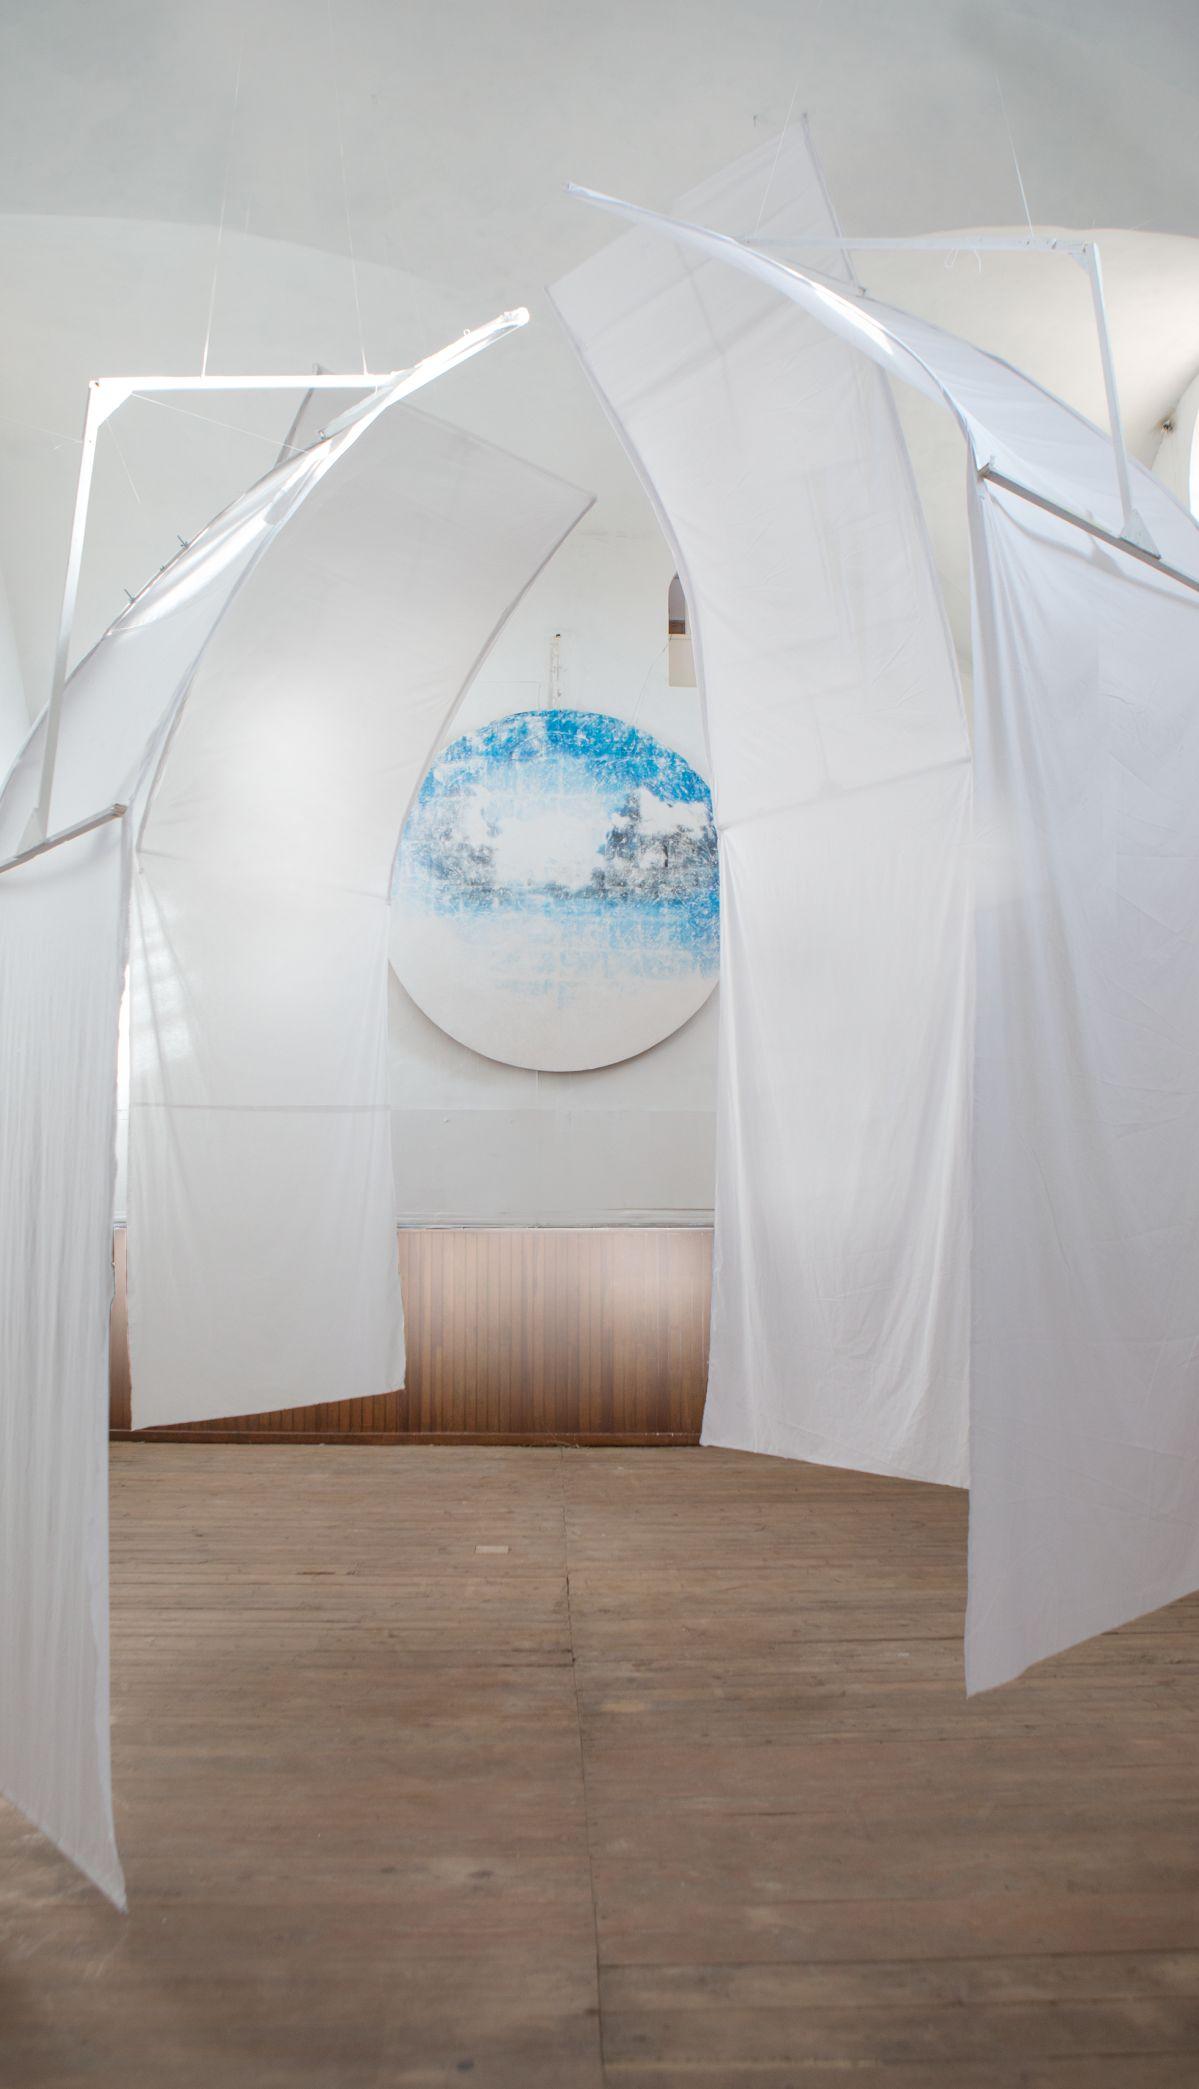 Côme Di Meglio - TransitionSPACE II Installation in situ dans la Chapelle Blanche du Couvent Levat coton blanc, bois, cordes, fresque sur plâtre de 250cm de diamètre. exposition: Les Fleurs Sauvage, commissariat Double Séjour - Couvent Levat - 2019